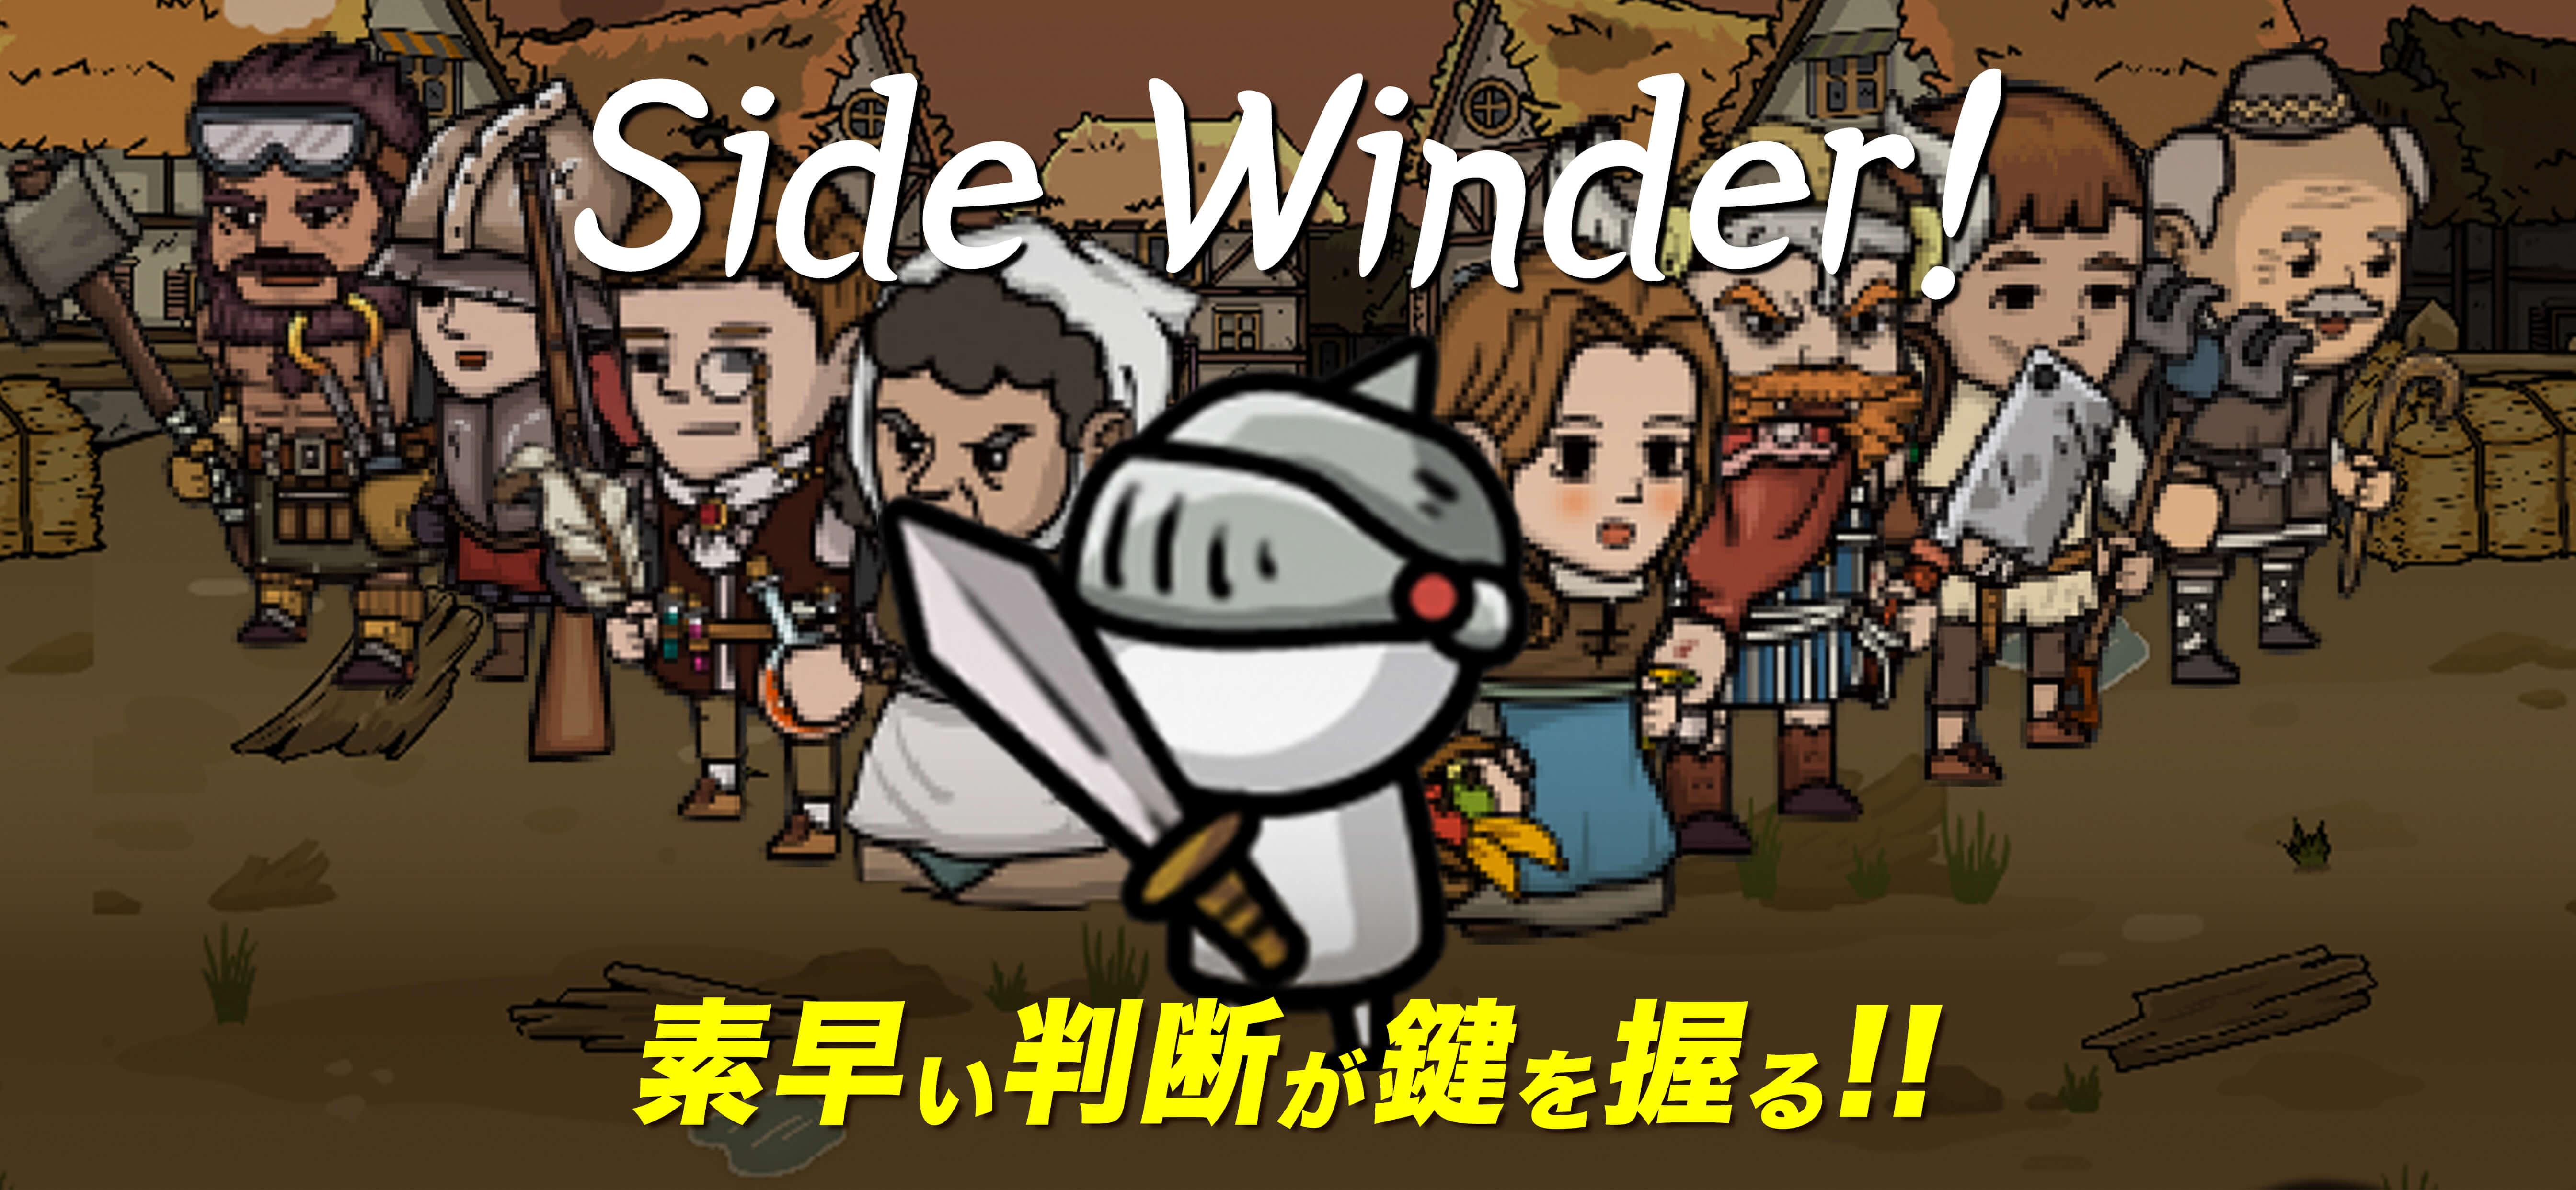 Side Winder! スクリーンショット